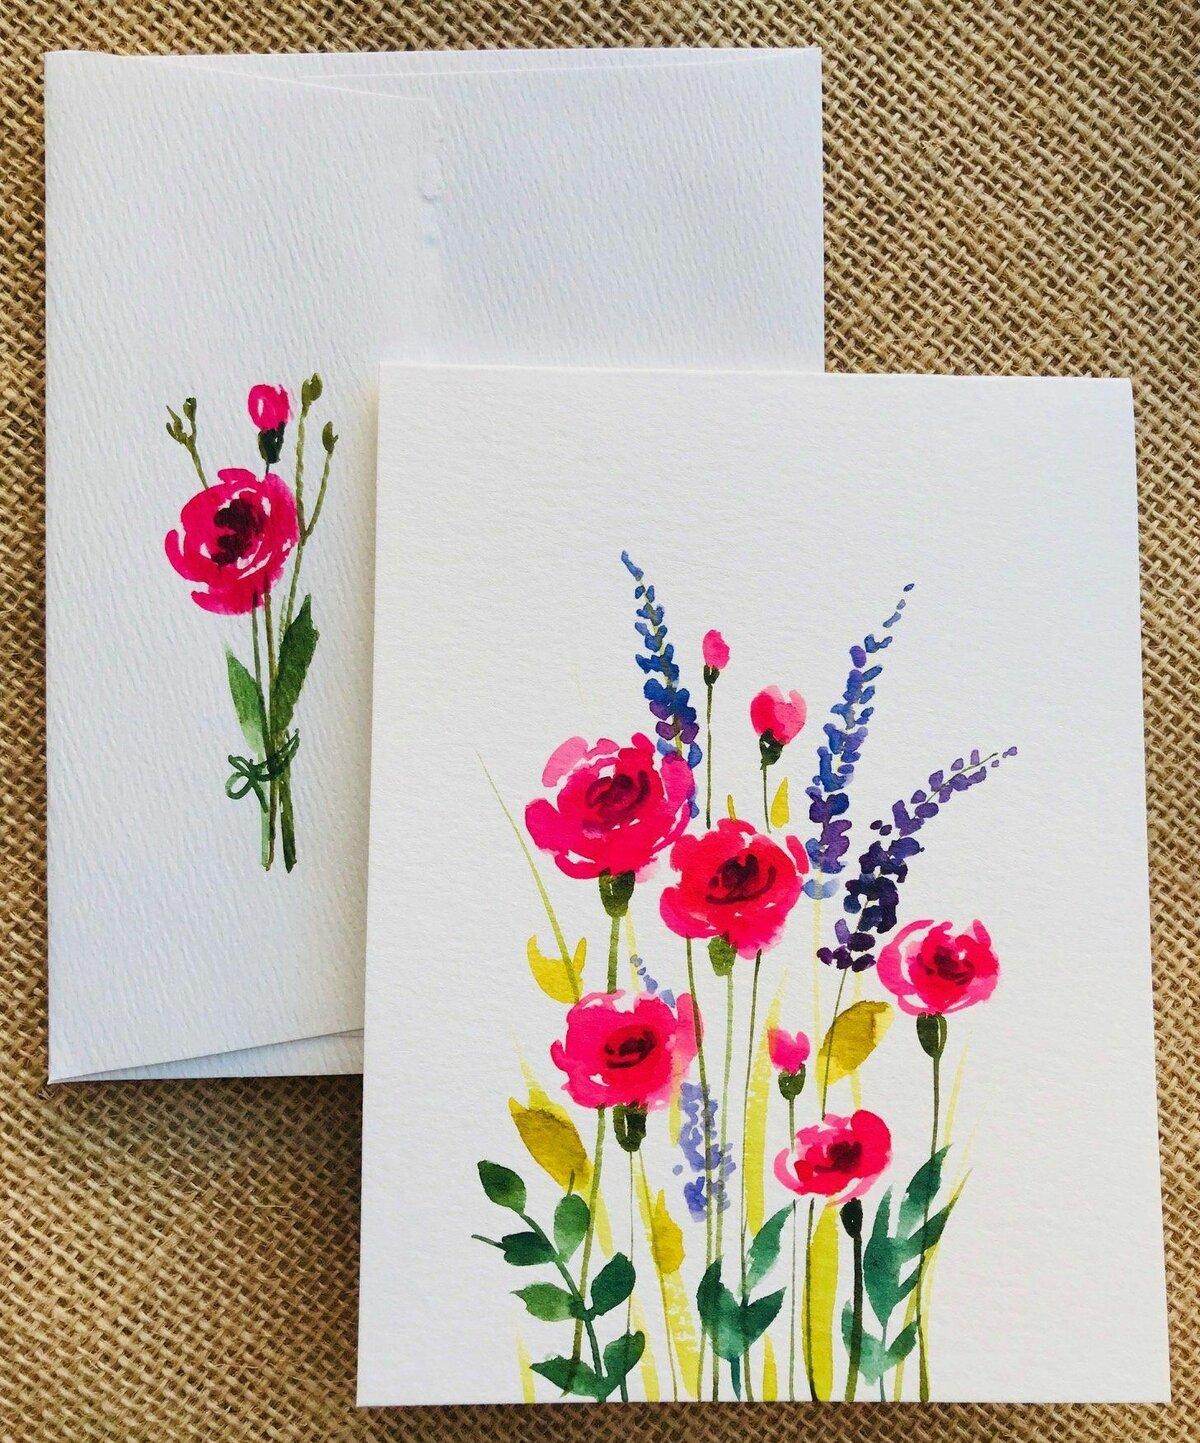 цветов открытка с ручной росписью раскладываю